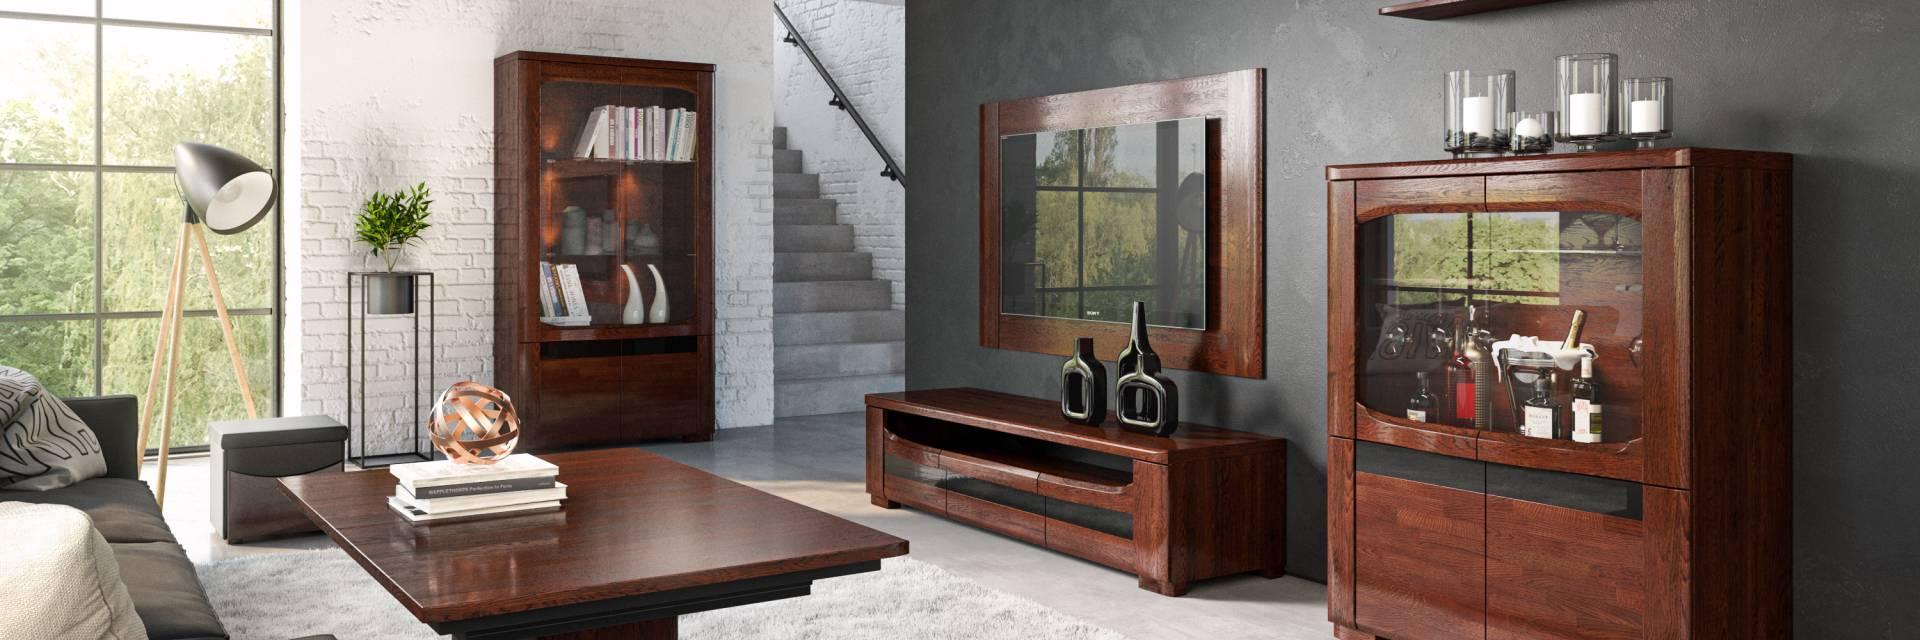 Kolekcja Mebli Riva z Litego Drewna do Sypialni